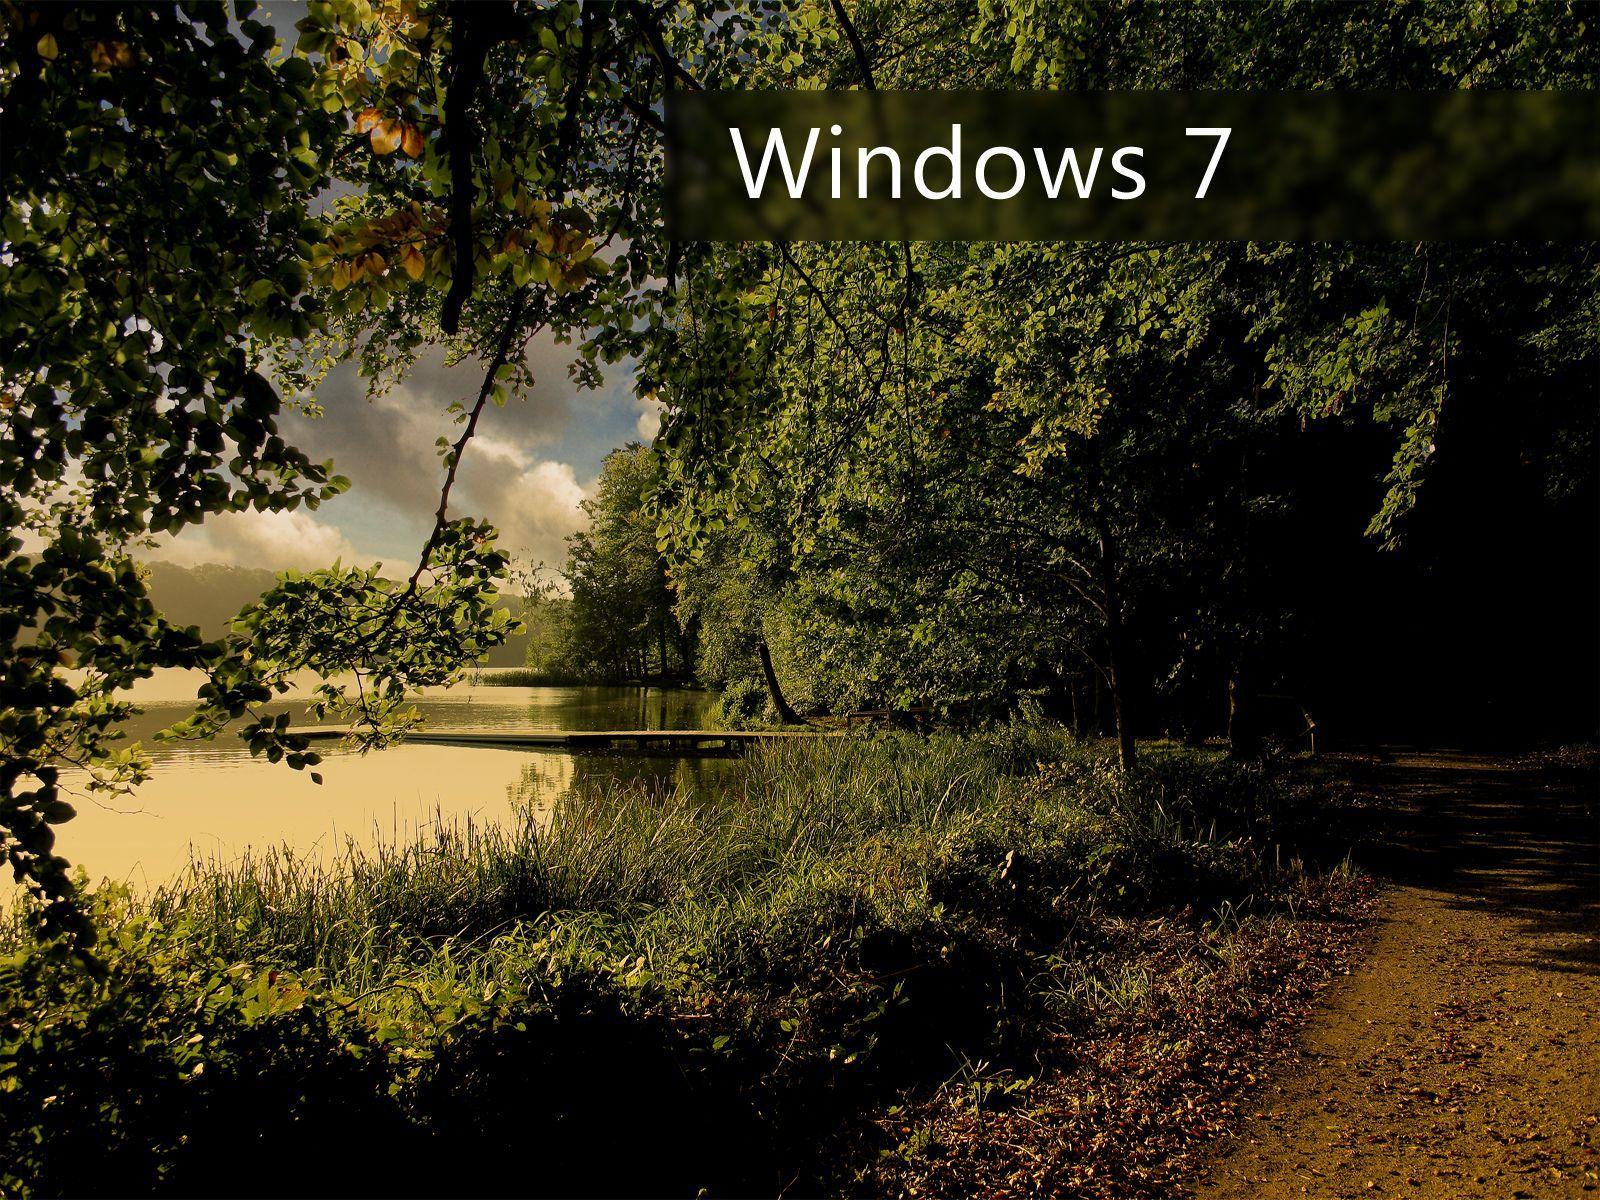 Wallpaper best size windows 7 nature wallpaper - Nature wallpaper windows 7 ...